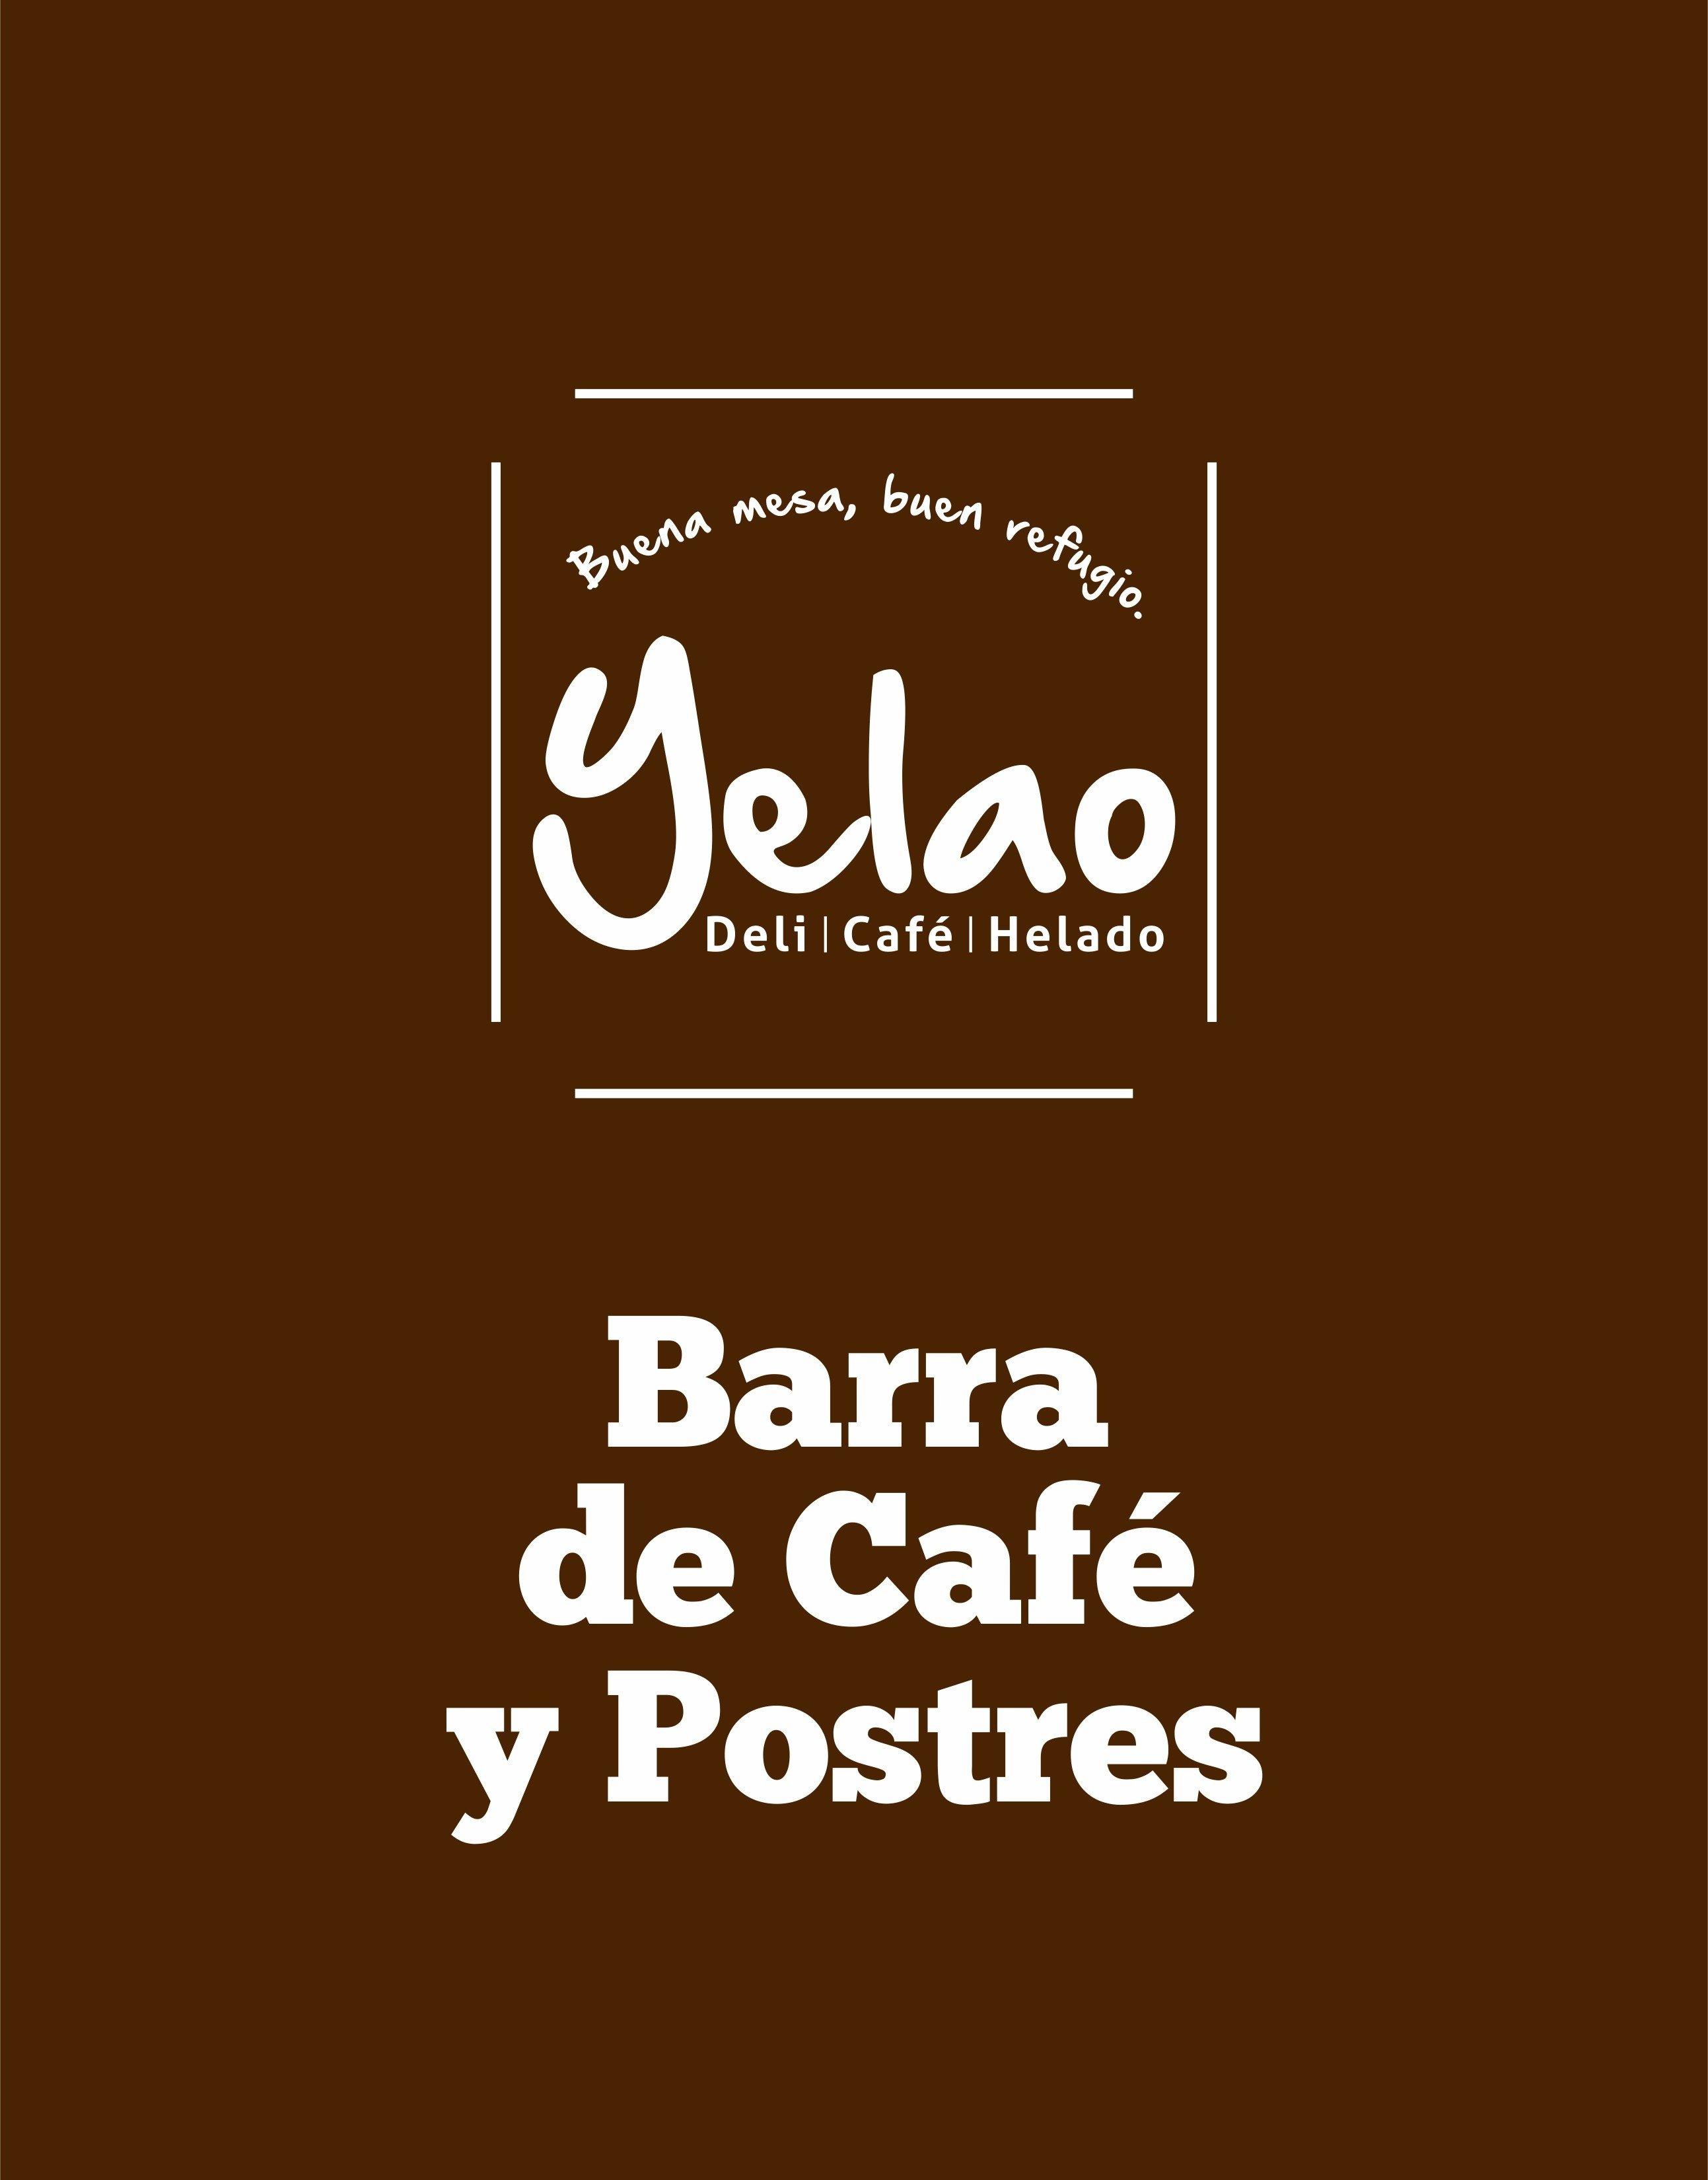 https://0201.nccdn.net/1_2/000/000/187/d70/11-PORTADA-BARRA-DE-CAF---Y-POSTRES-2586x3300.jpg